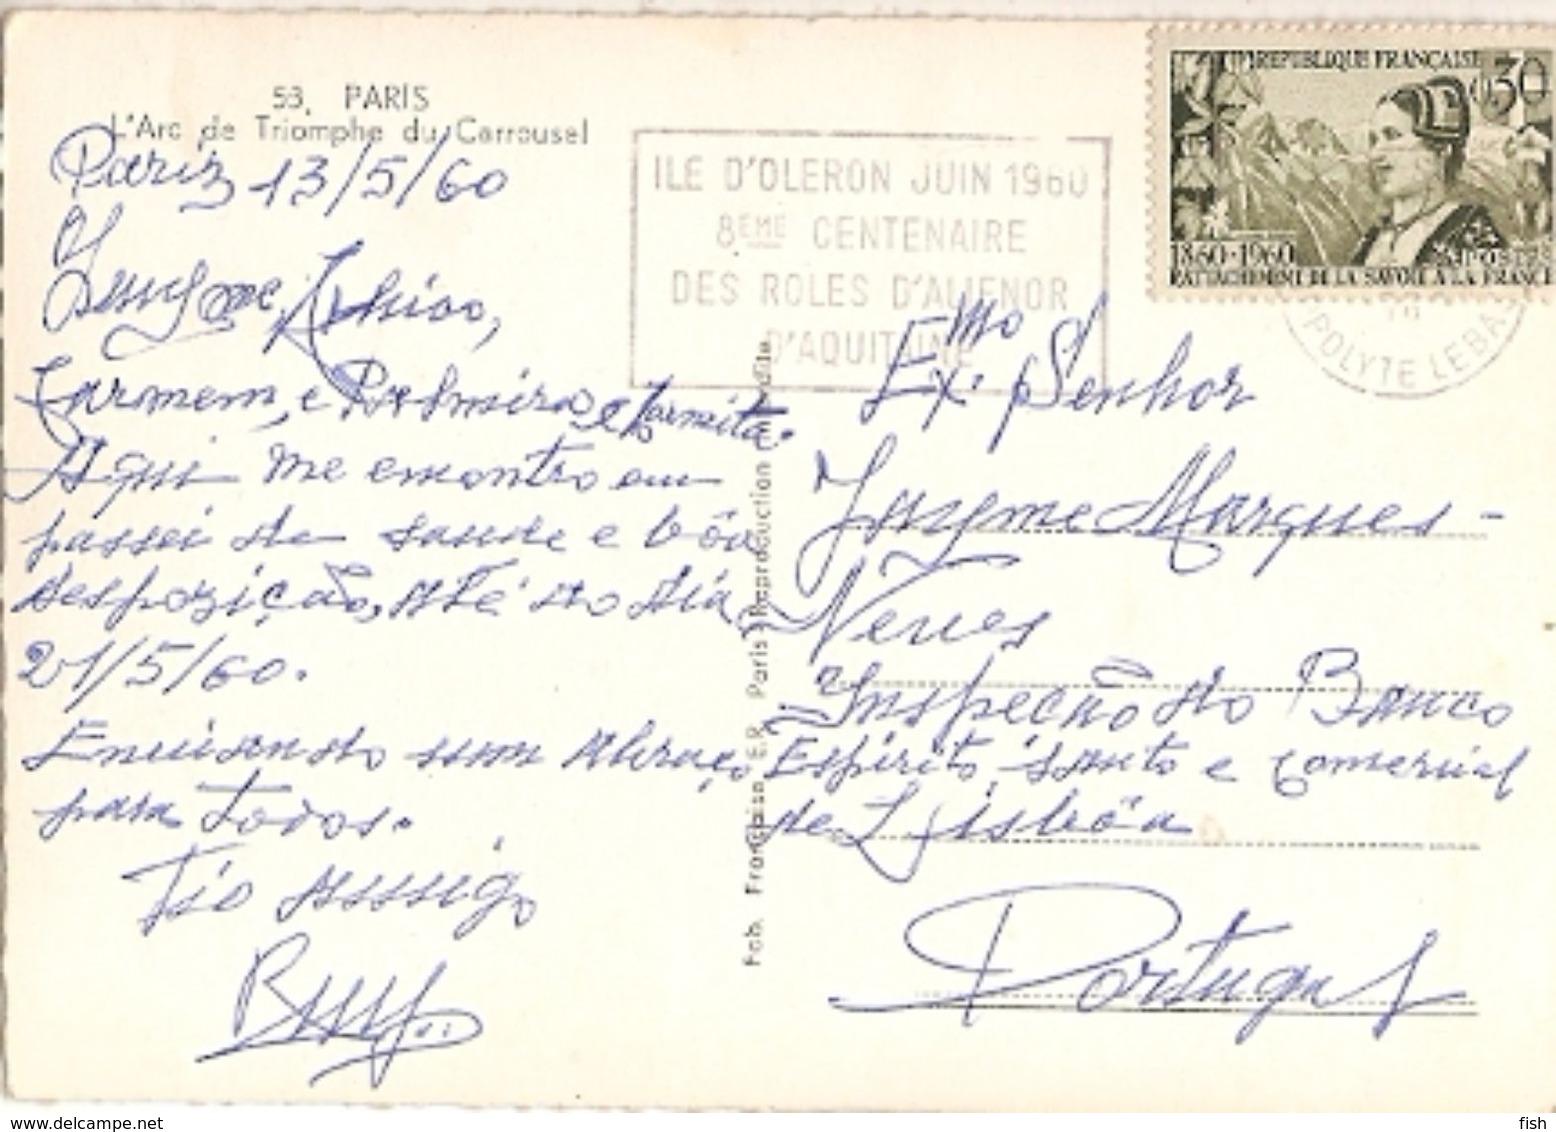 France & Circulated,Paris, Arc De Triomphe Du Carrousel,Ile D'Oleron, Roles De Alienor D'Aquitaine,  Lisboa 1960 (53) - Monumenti